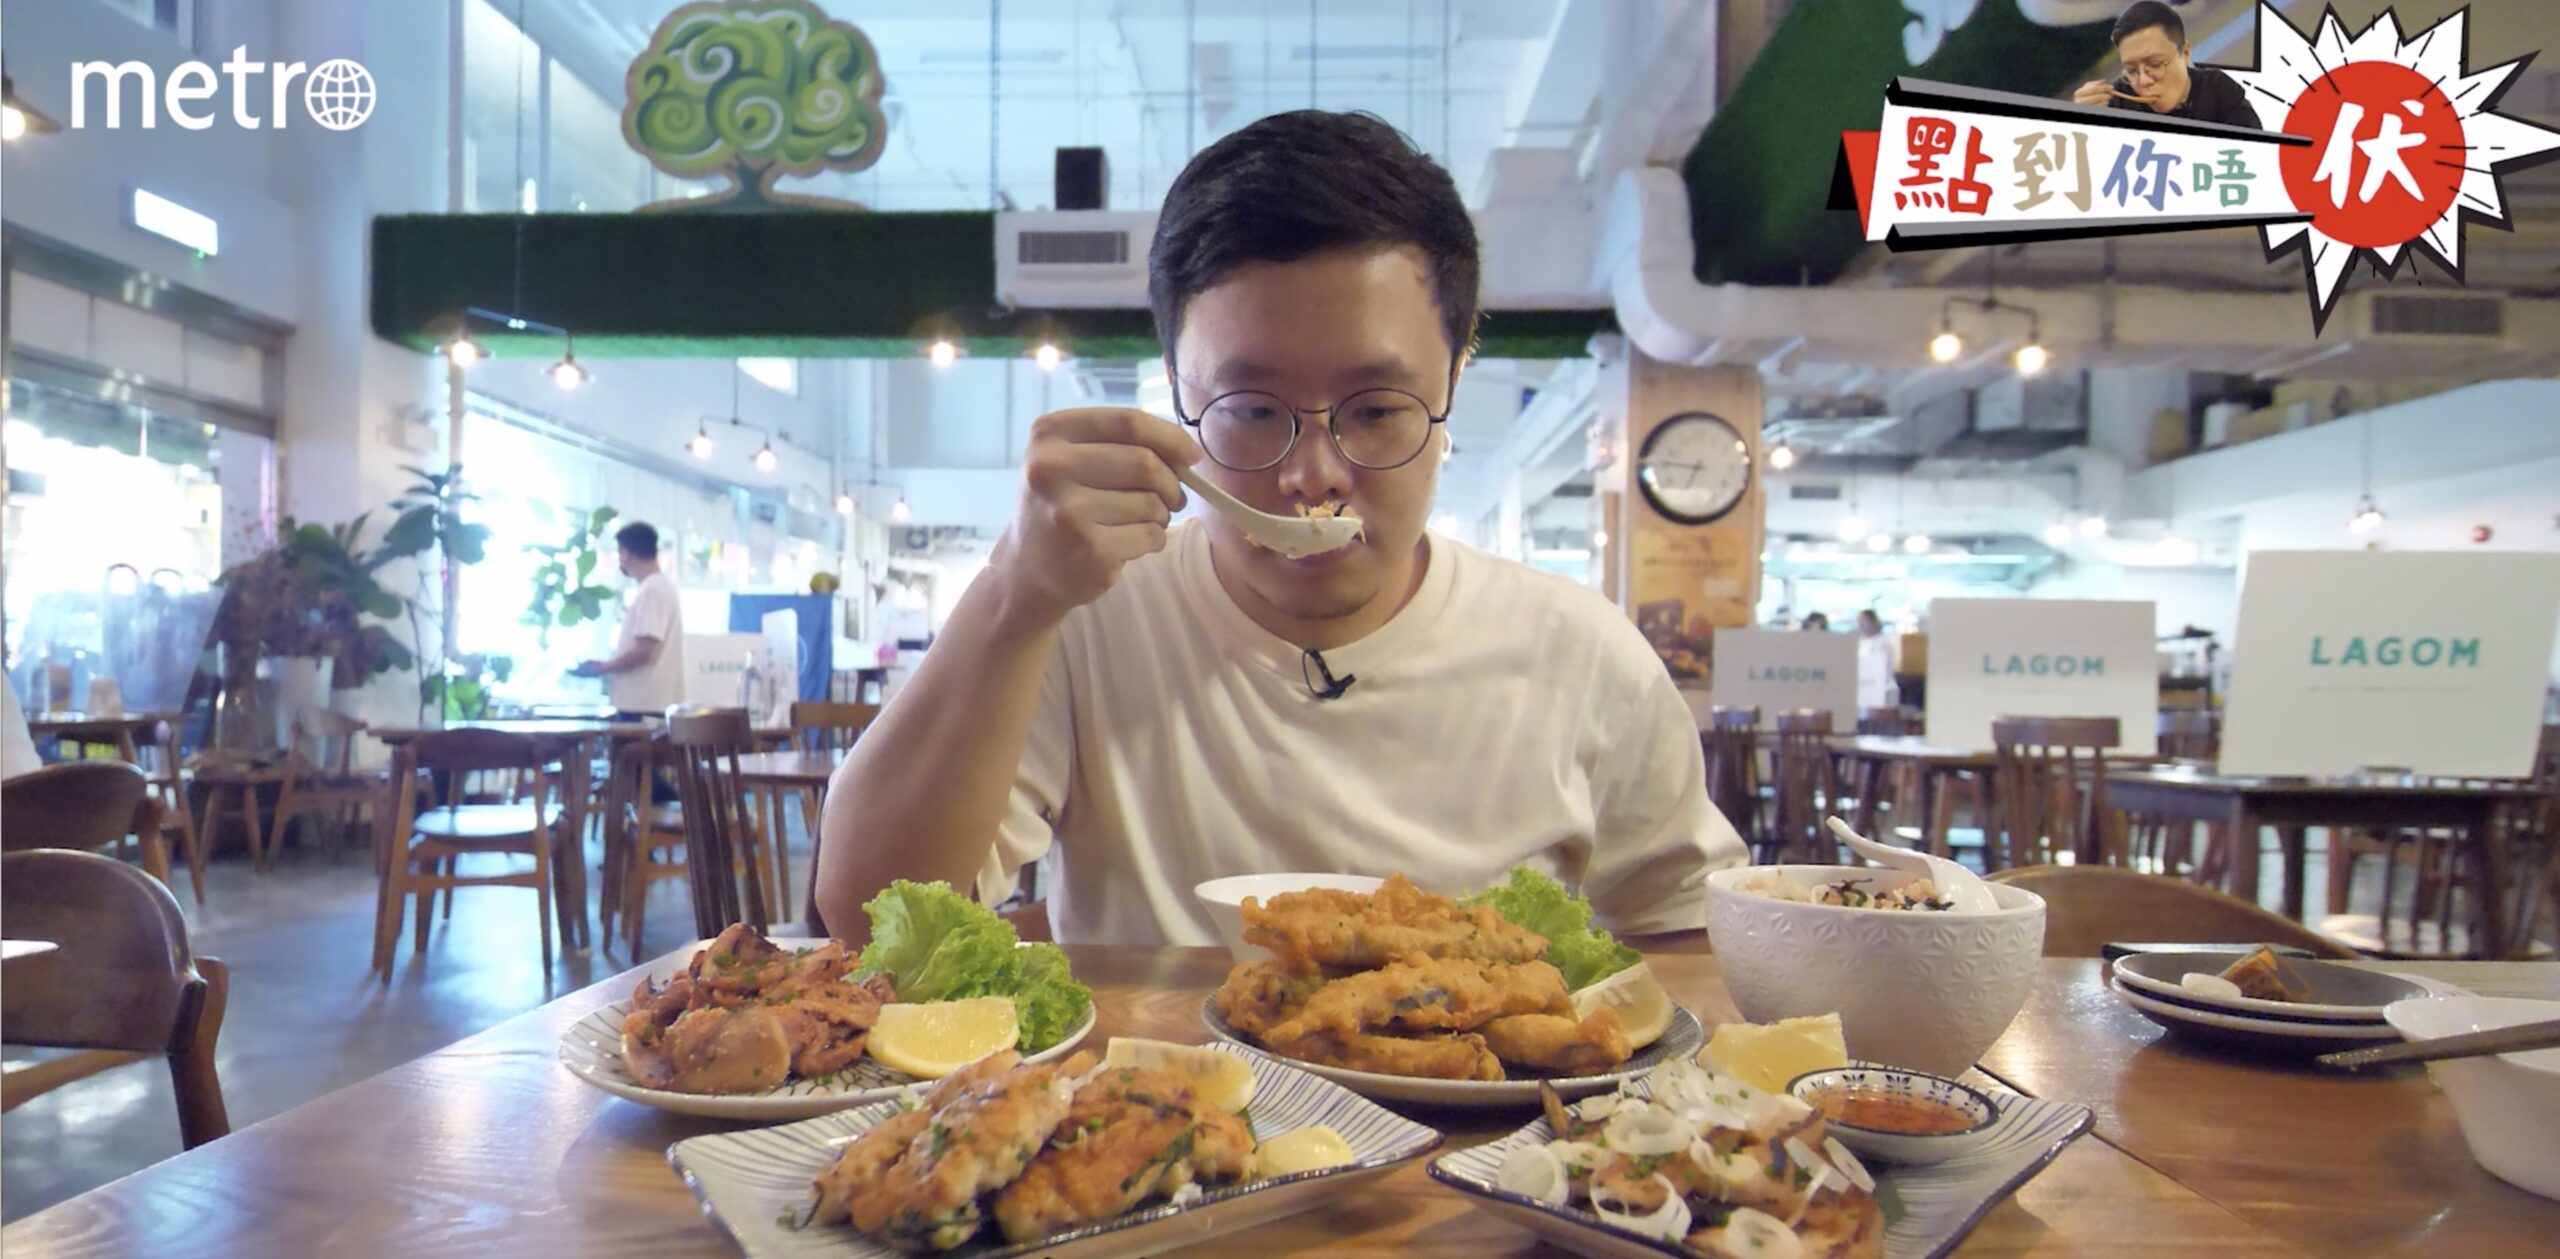 【點到你唔伏 Episode 1】試食IG票選最伏餐廳第一名